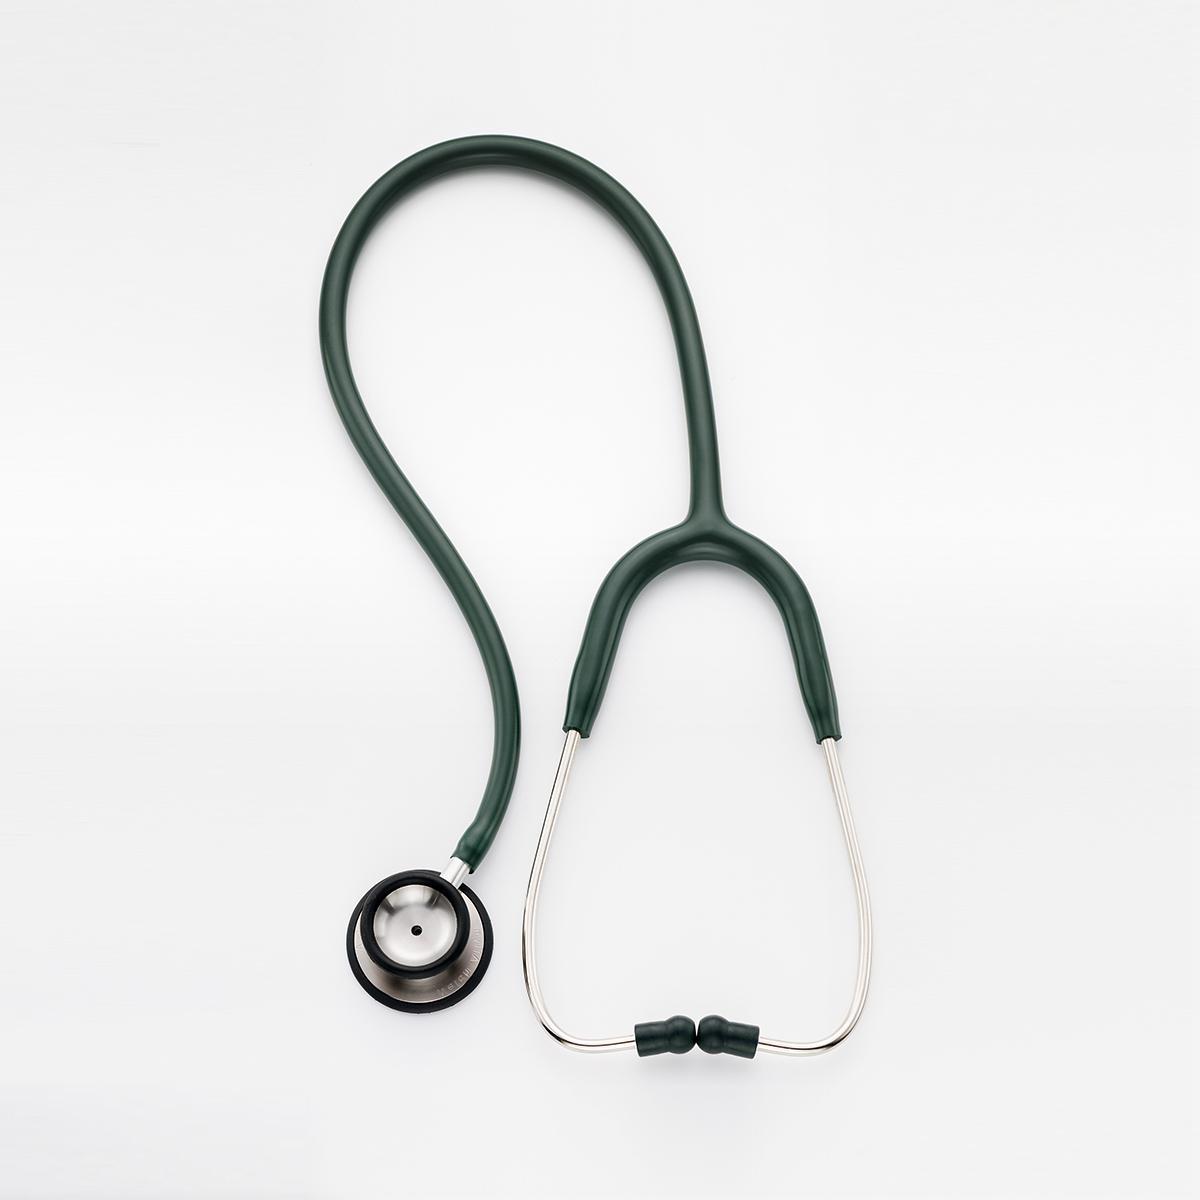 プロフェッショナル(成人用)聴診器の上部図、グリーン